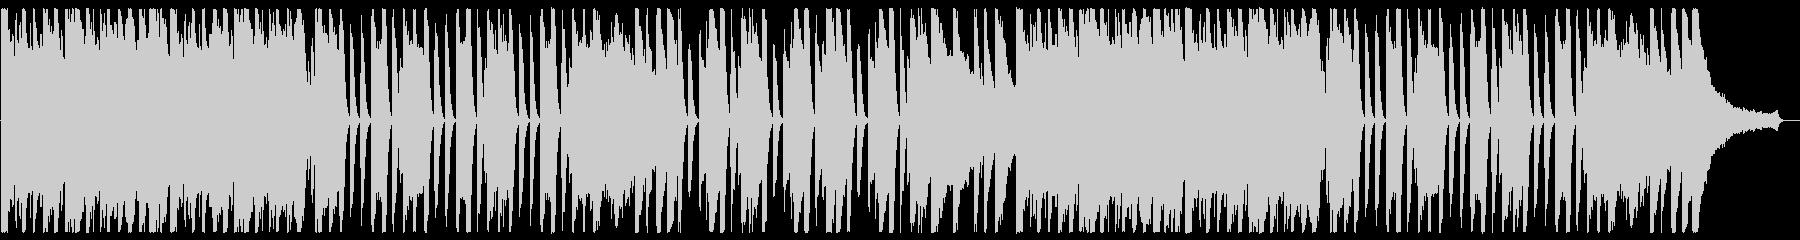 シンプルで明るくわくわくするピアノソロの未再生の波形